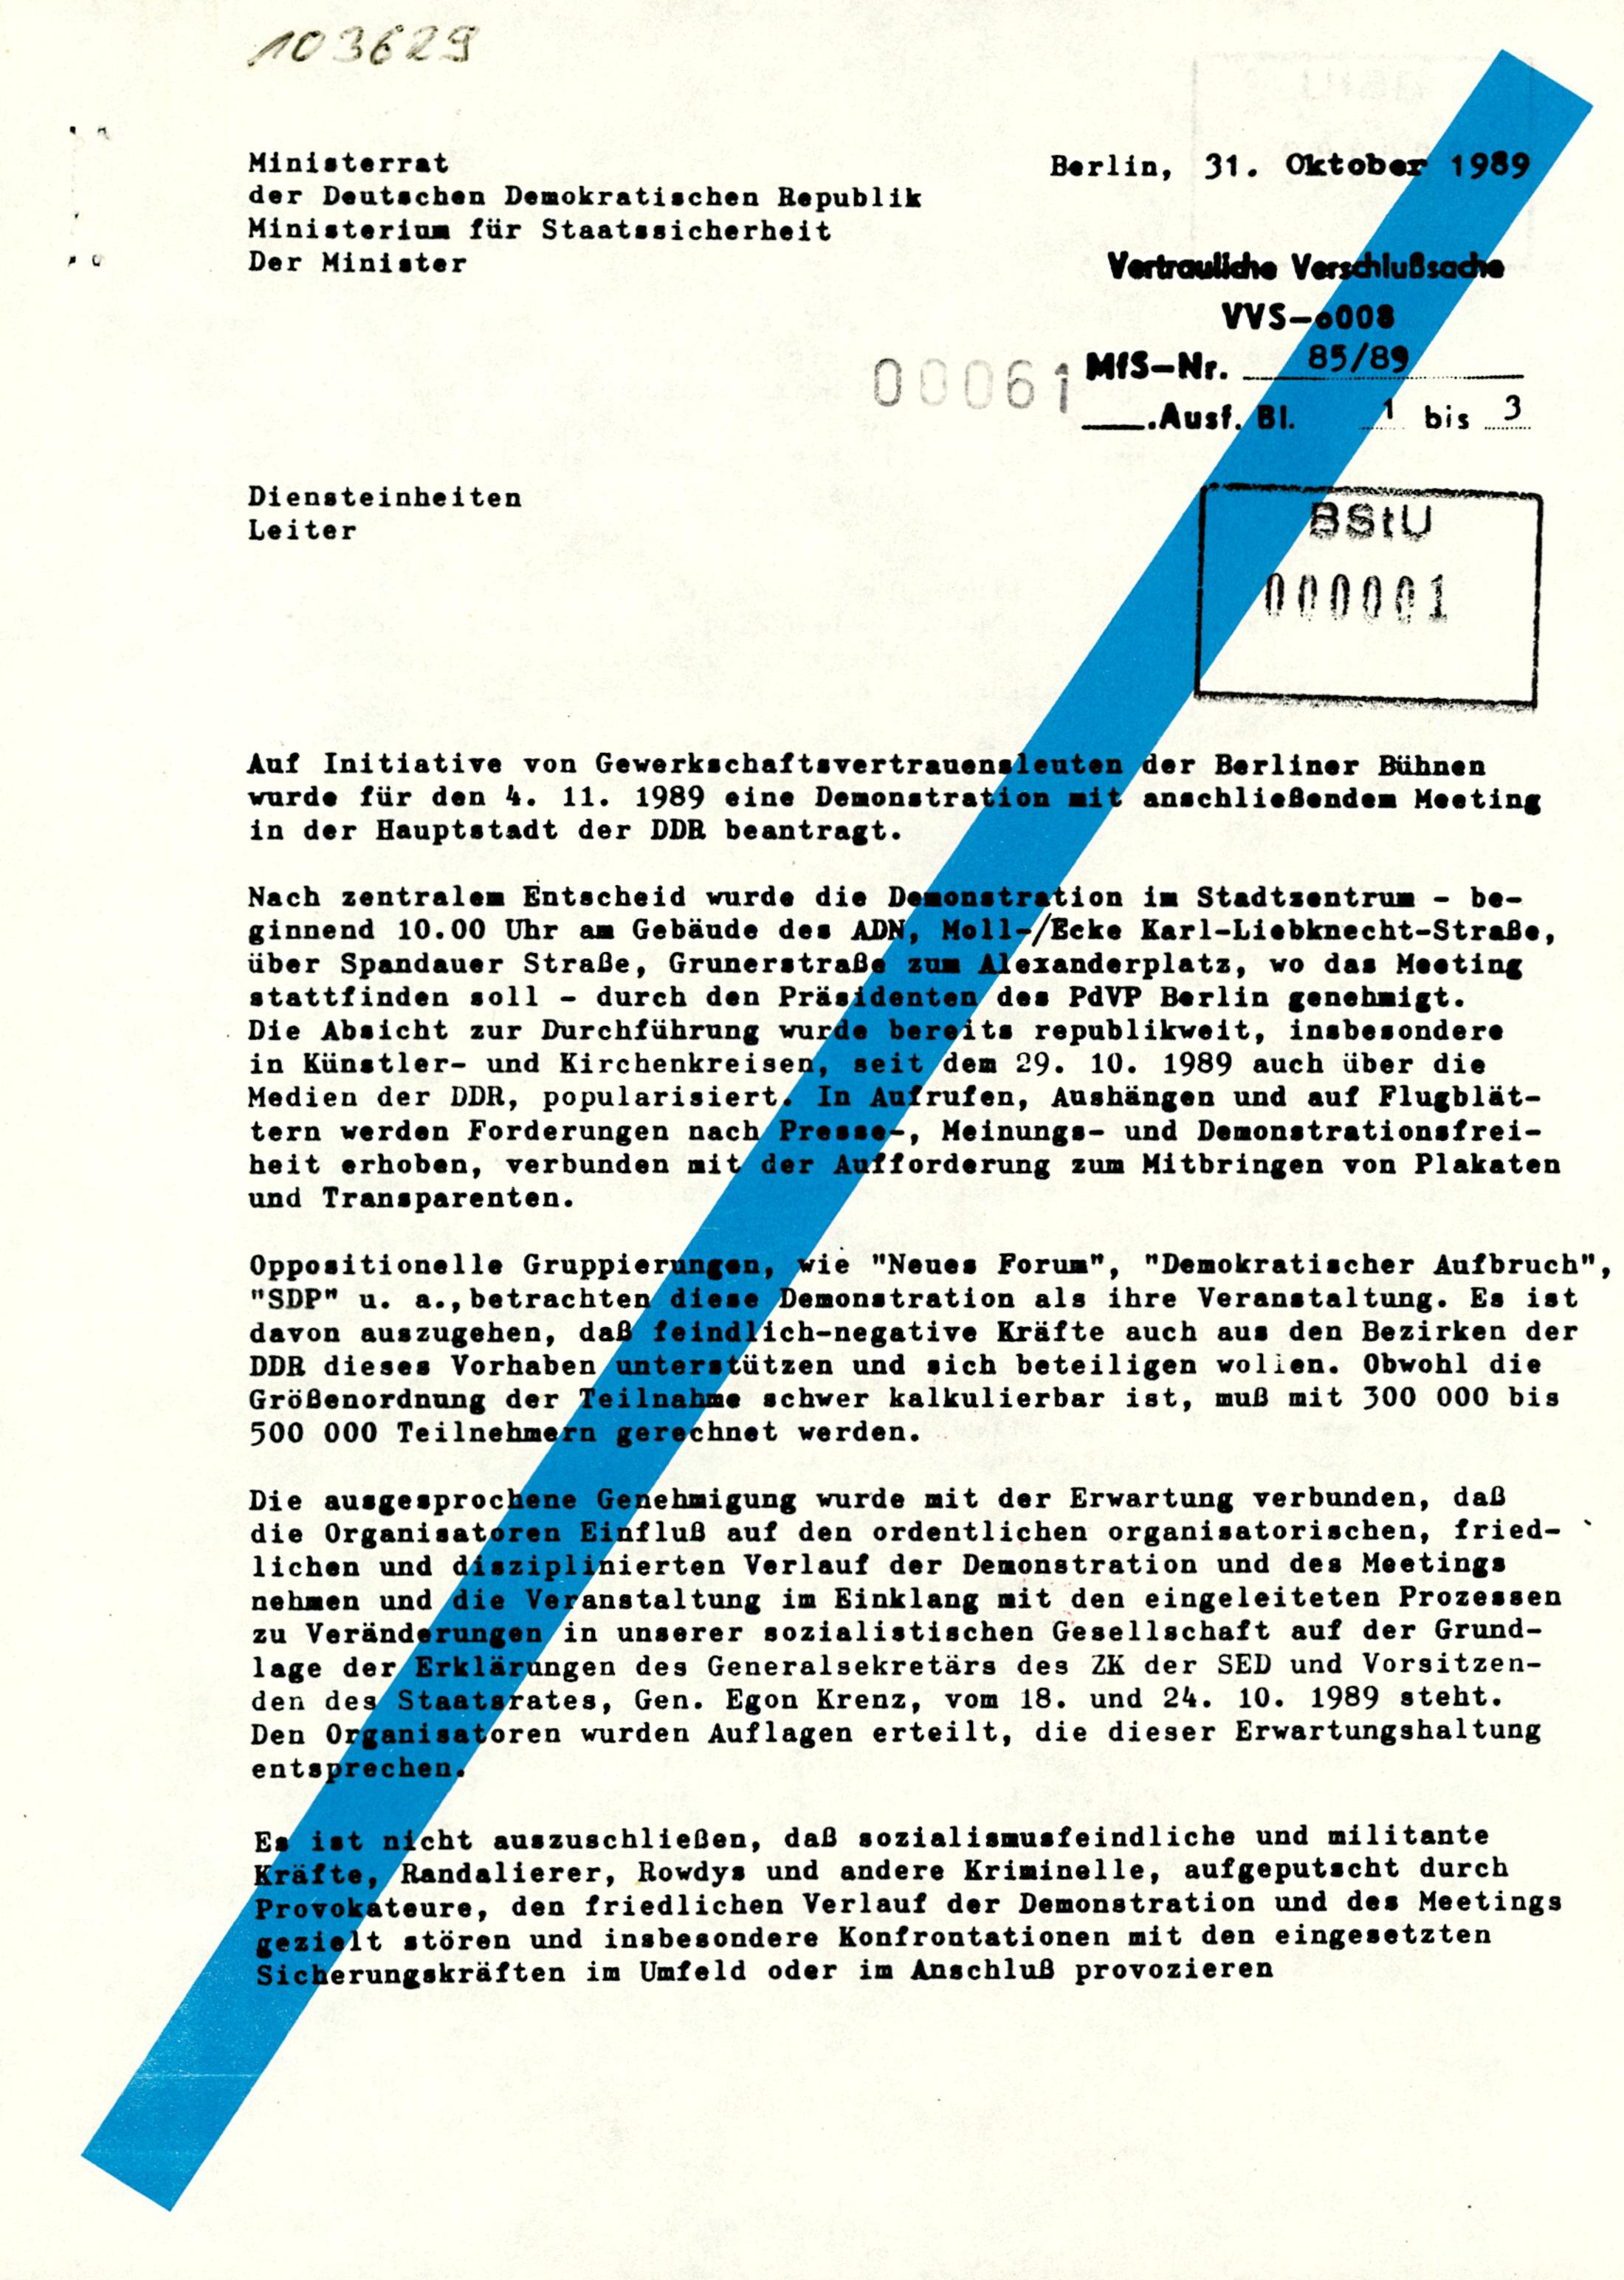 Anweisung von Erich Mielke an die Leiter der Diensteinheiten bezüglich der Demo am 04.11.1989 in Berlin